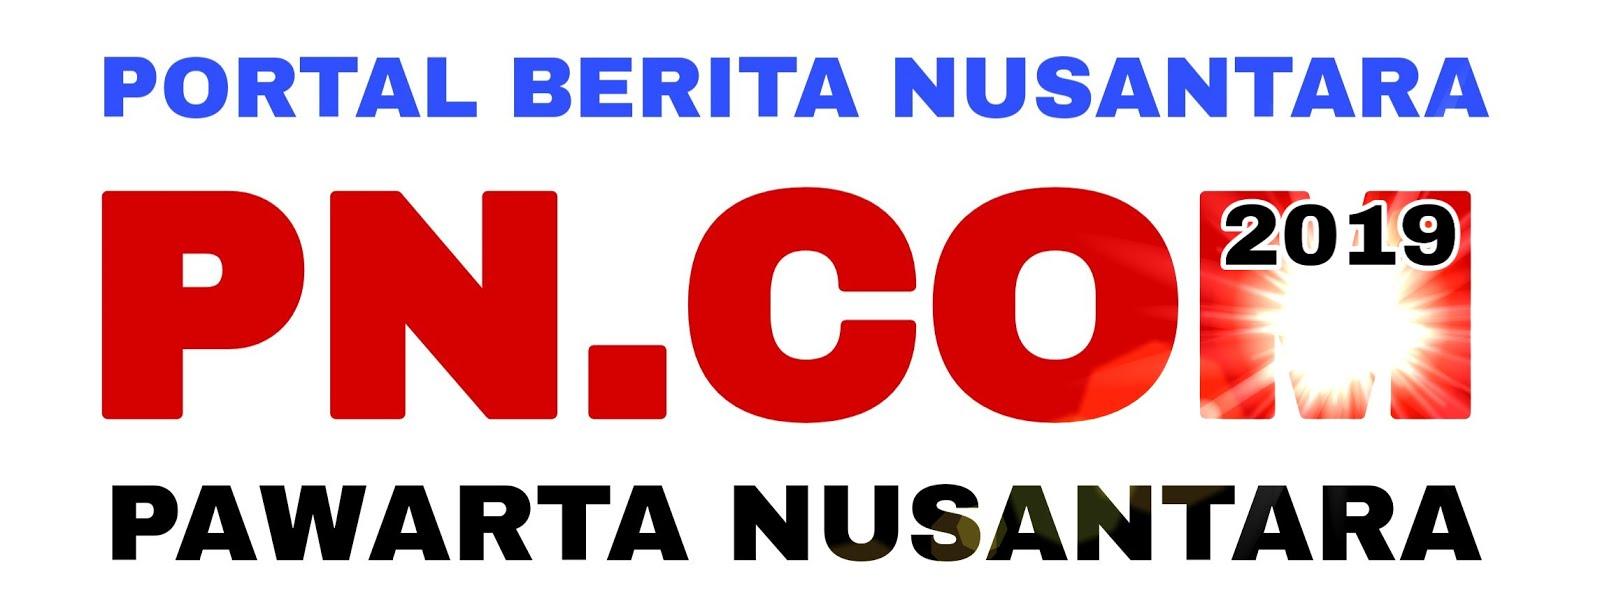 Pawarta Nusantara